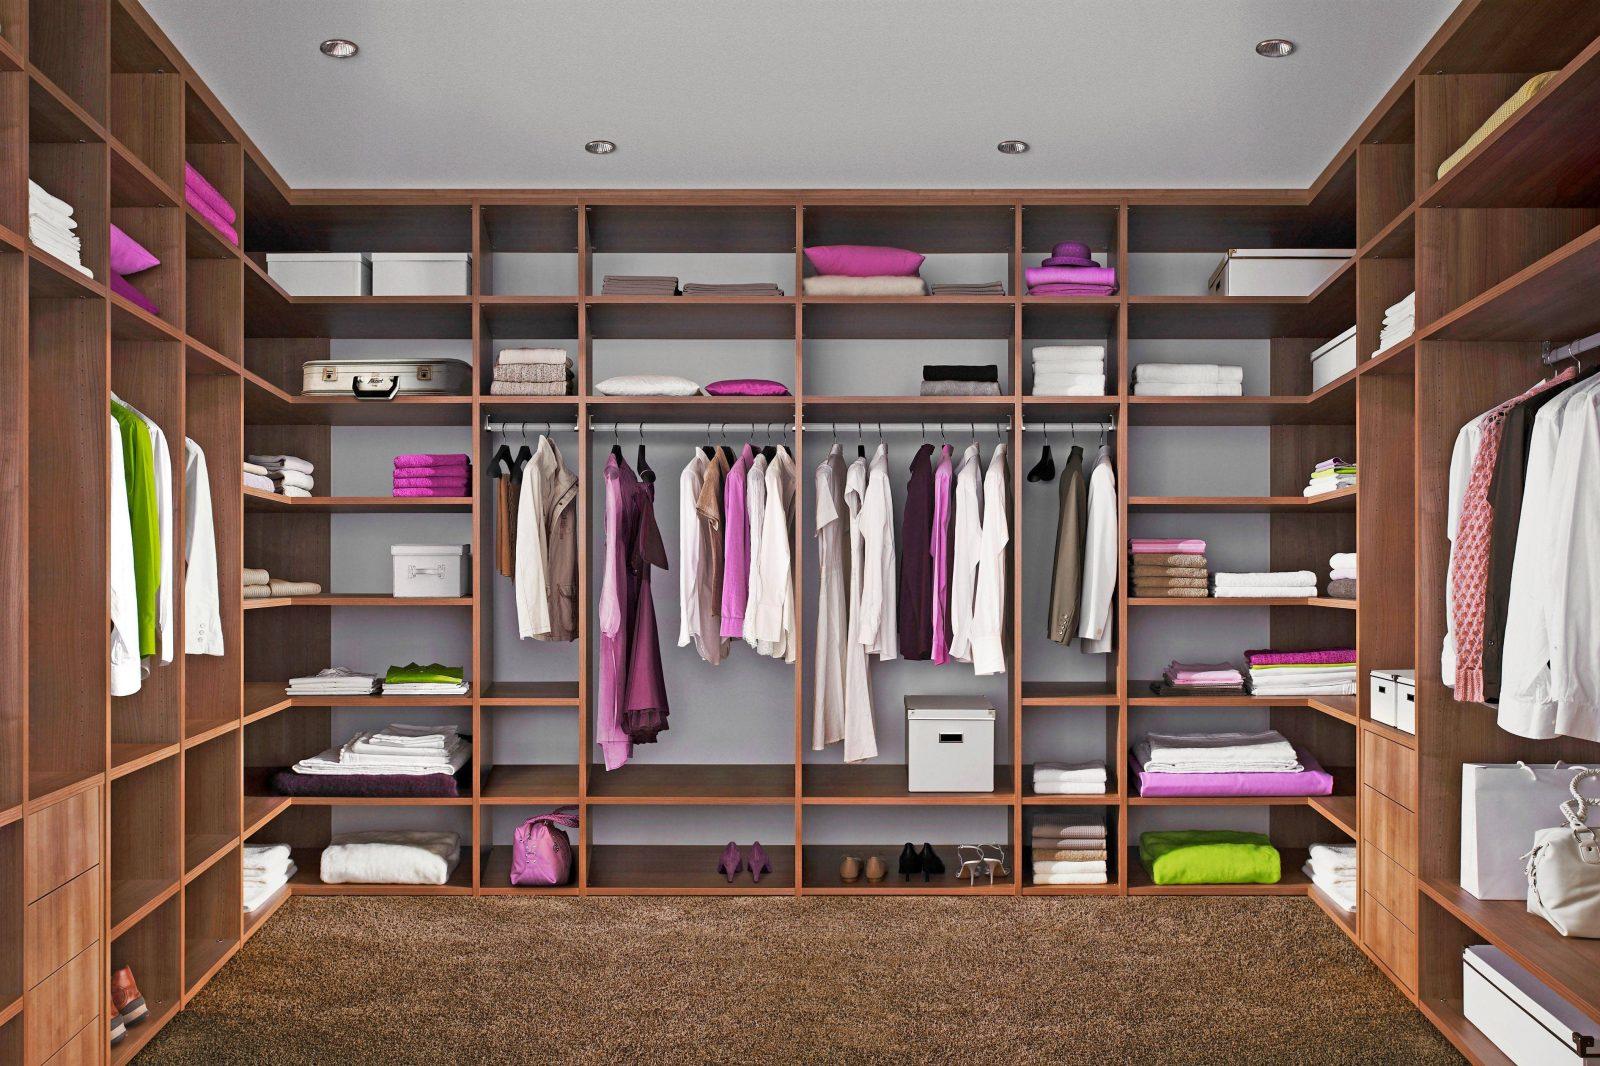 Genial Begehbaren Kleiderschrank Selber Bauen Struktur Volksfreund von Begehbarer Kleiderschrank Selbst Bauen Bild